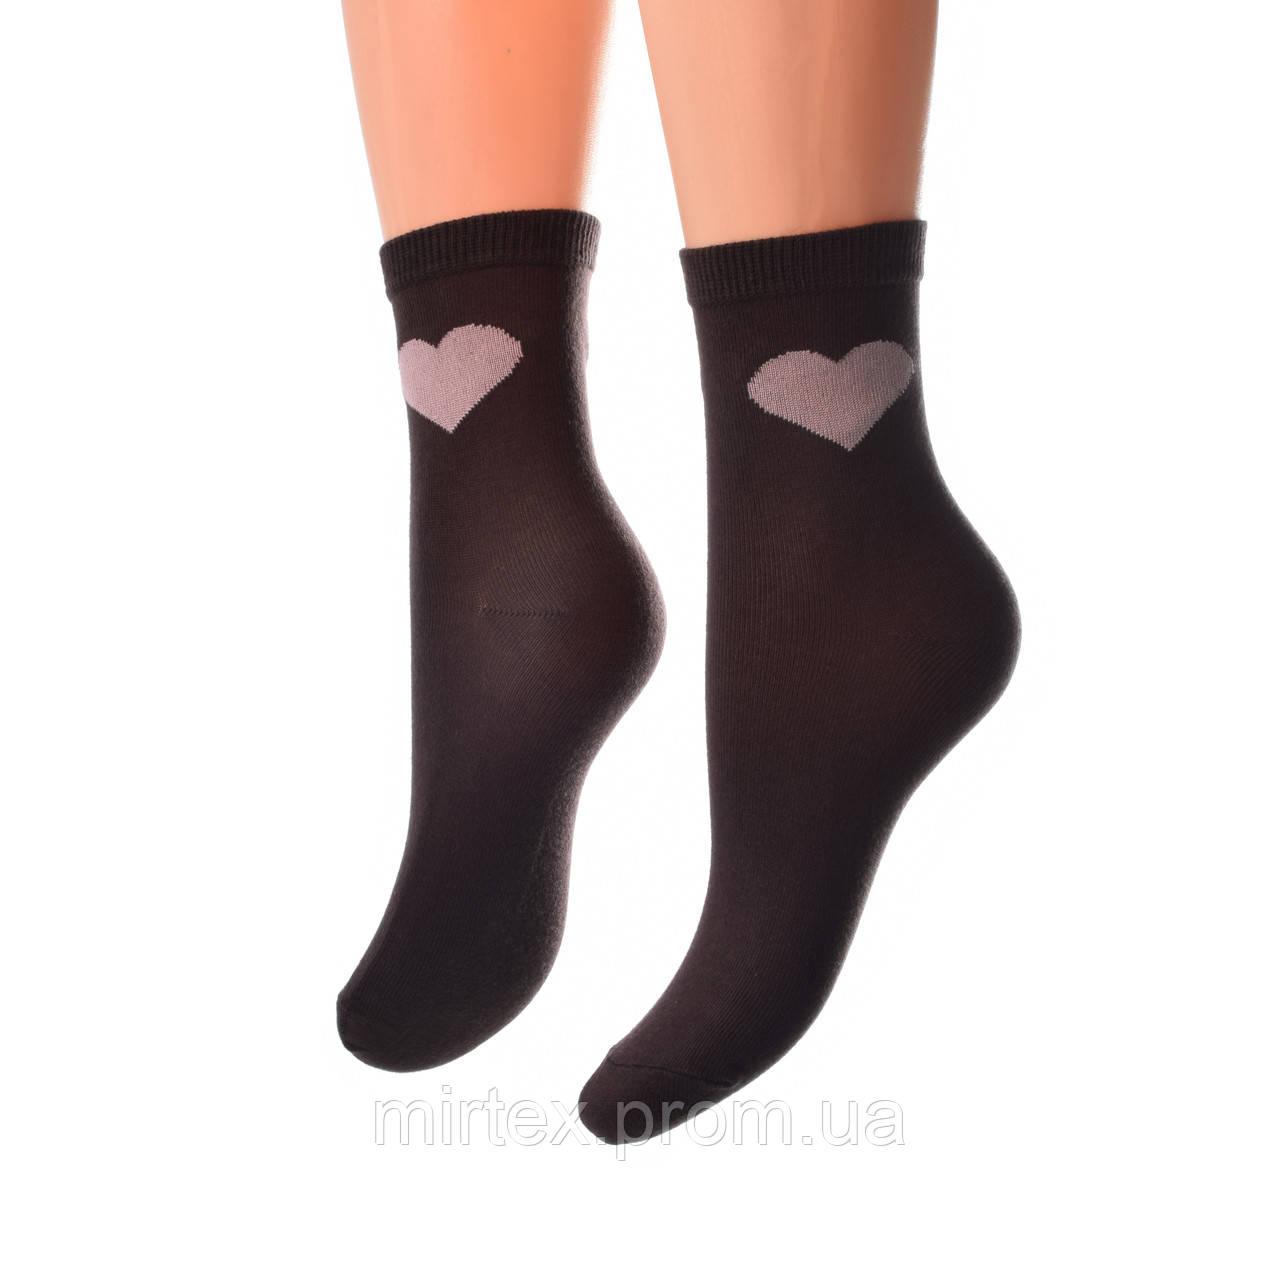 Носки детские для девочек демисезонные Сердце и Звездочка Anita Kids